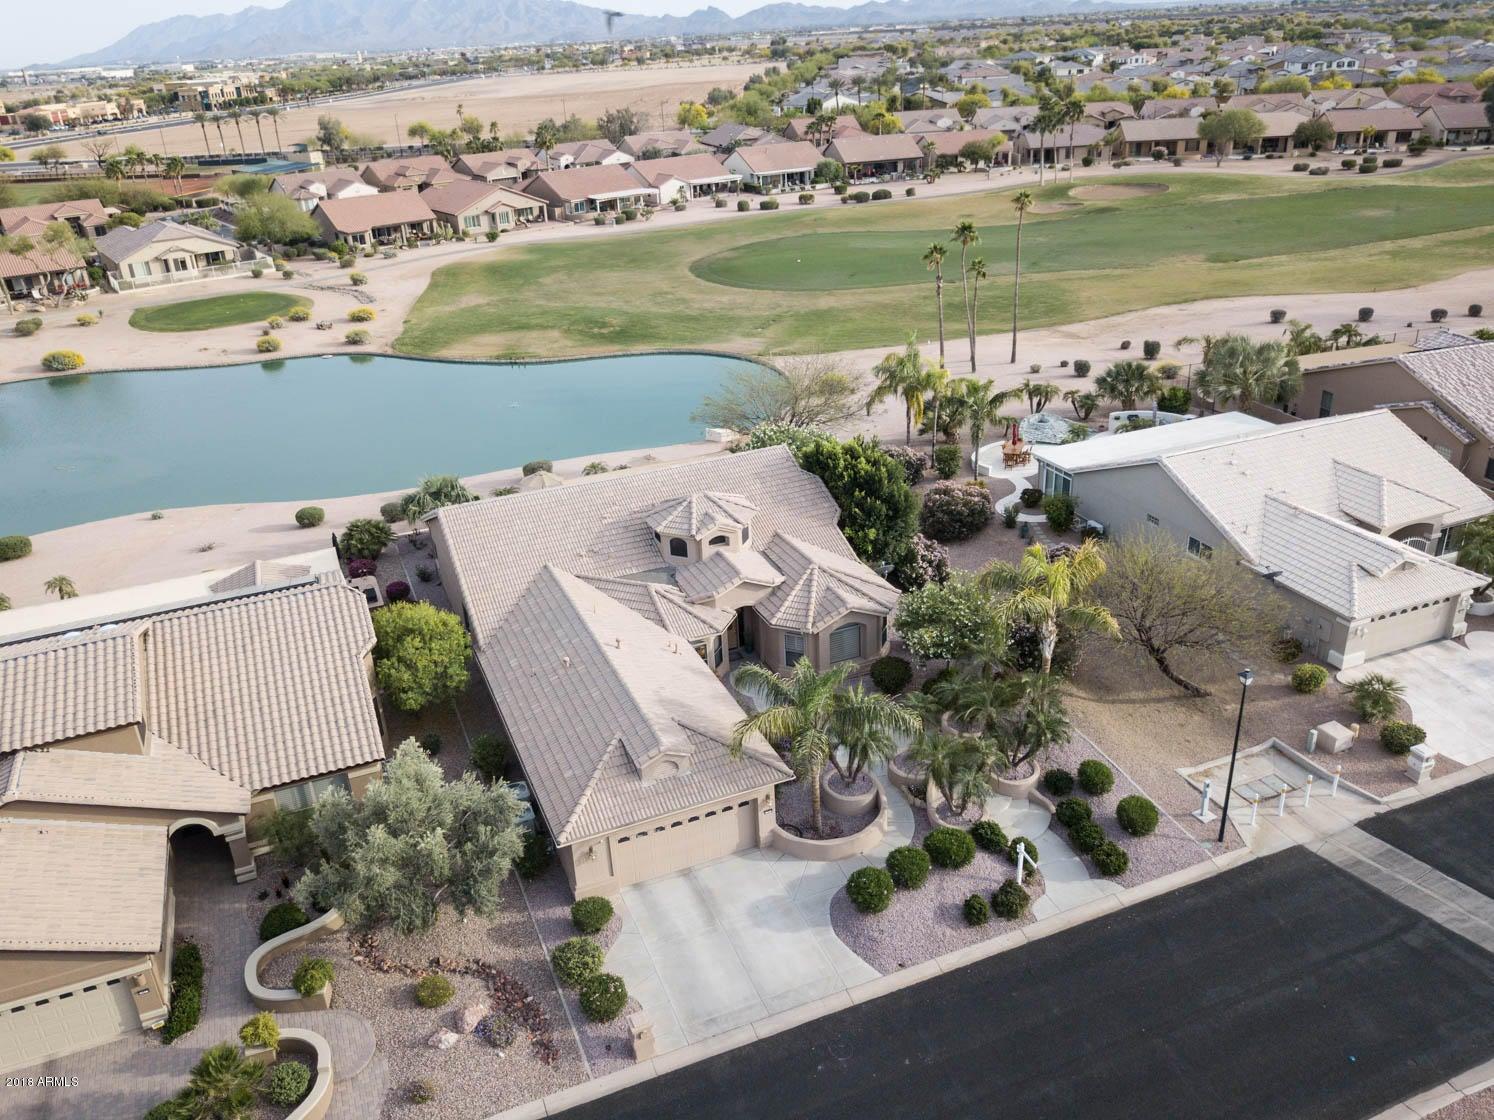 MLS 5787914 15693 W EDGEMONT Avenue, Goodyear, AZ 85395 Goodyear AZ Pebblecreek